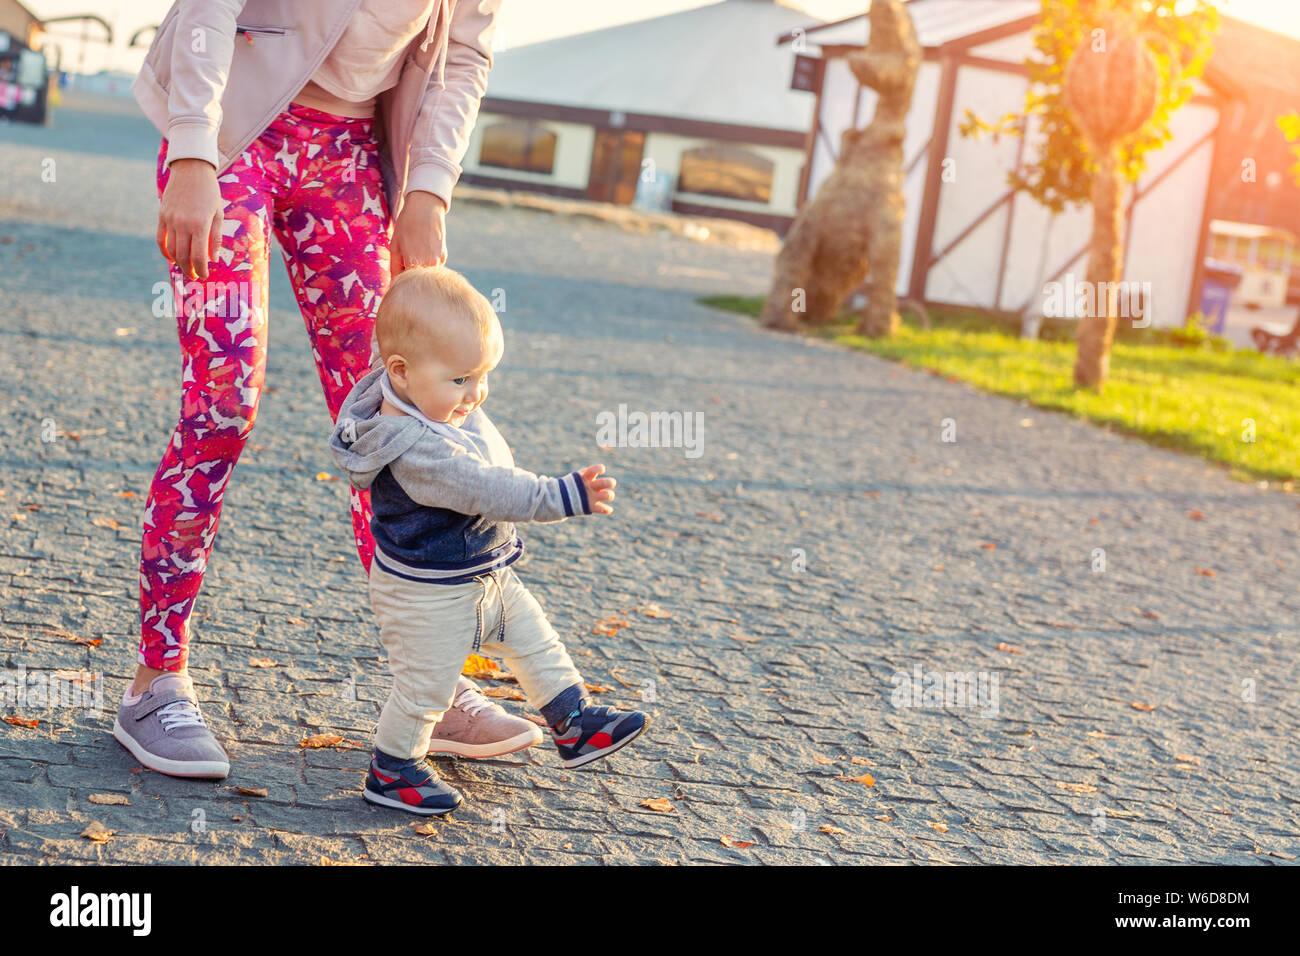 Jolie petite blonde adorable bébé garçon faire les premières étapes avec le soutien aux mères au parc de la ville à l'heure du coucher du soleil en soirée. Happy funny enfant l'apprentissage de la marche Banque D'Images